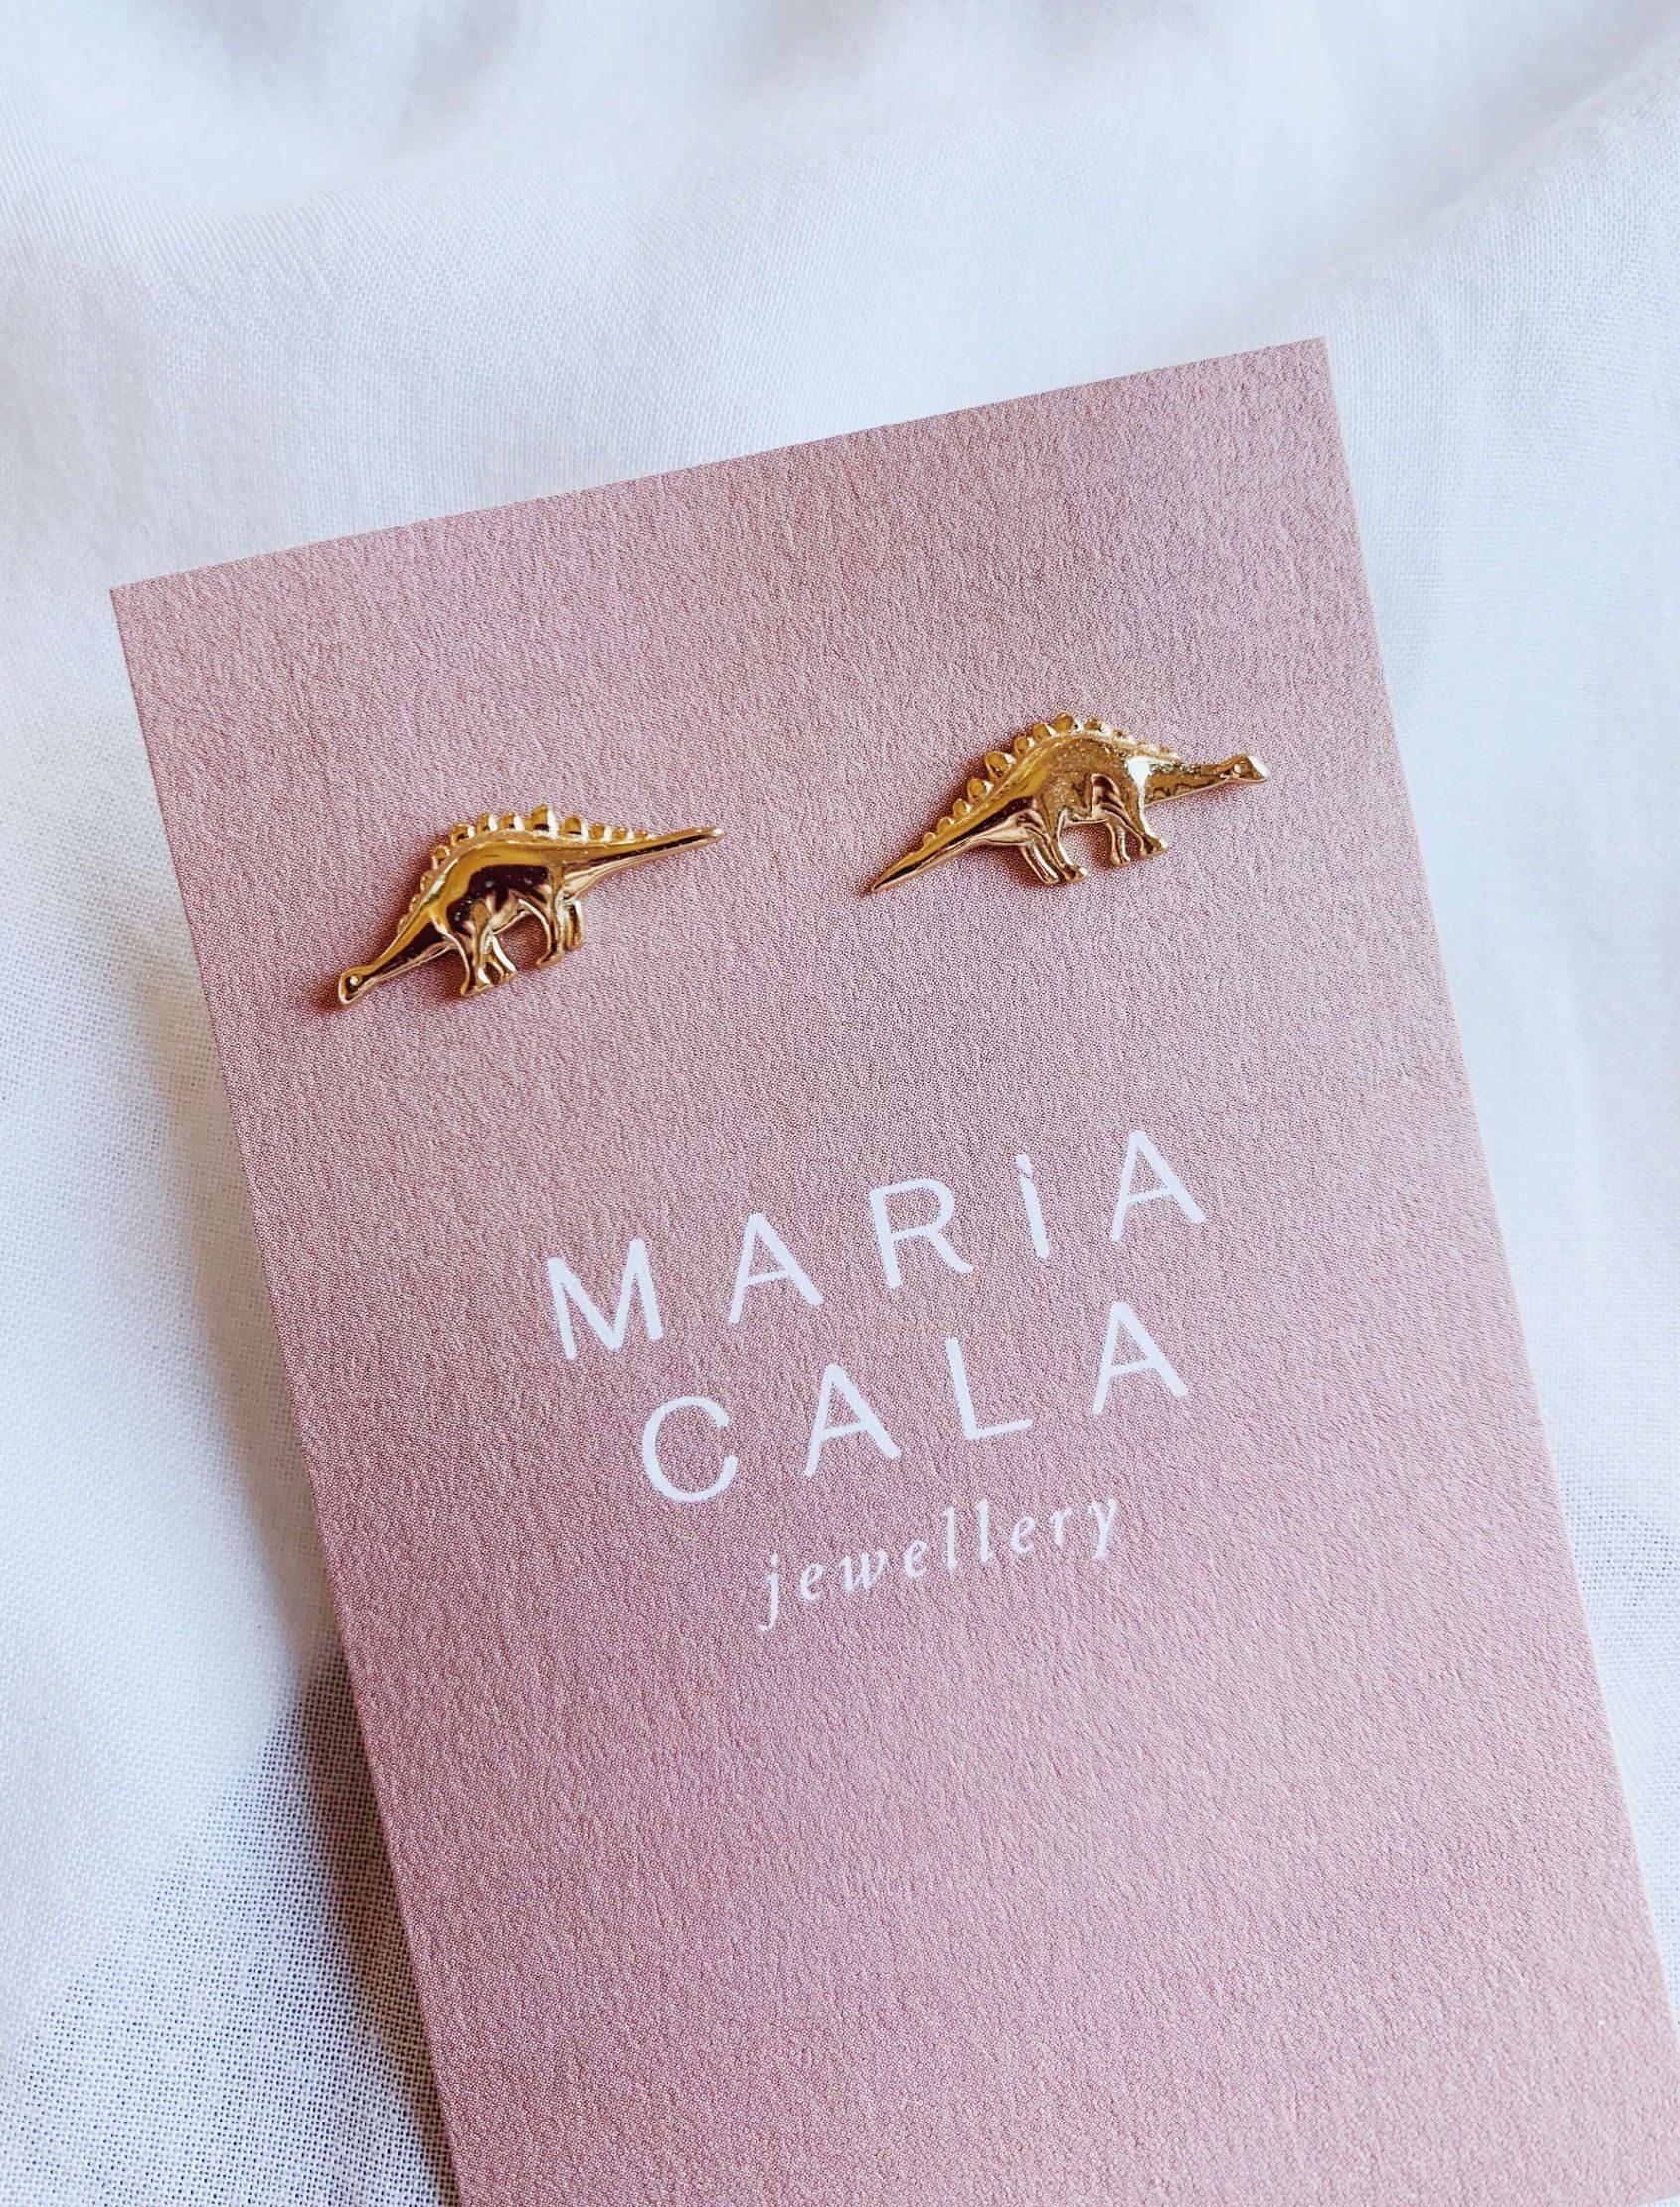 Pendiente Dino diseñados enplata chapado en oro. Maria Cala sorprende con unos originales pendientes de dinosaurios.